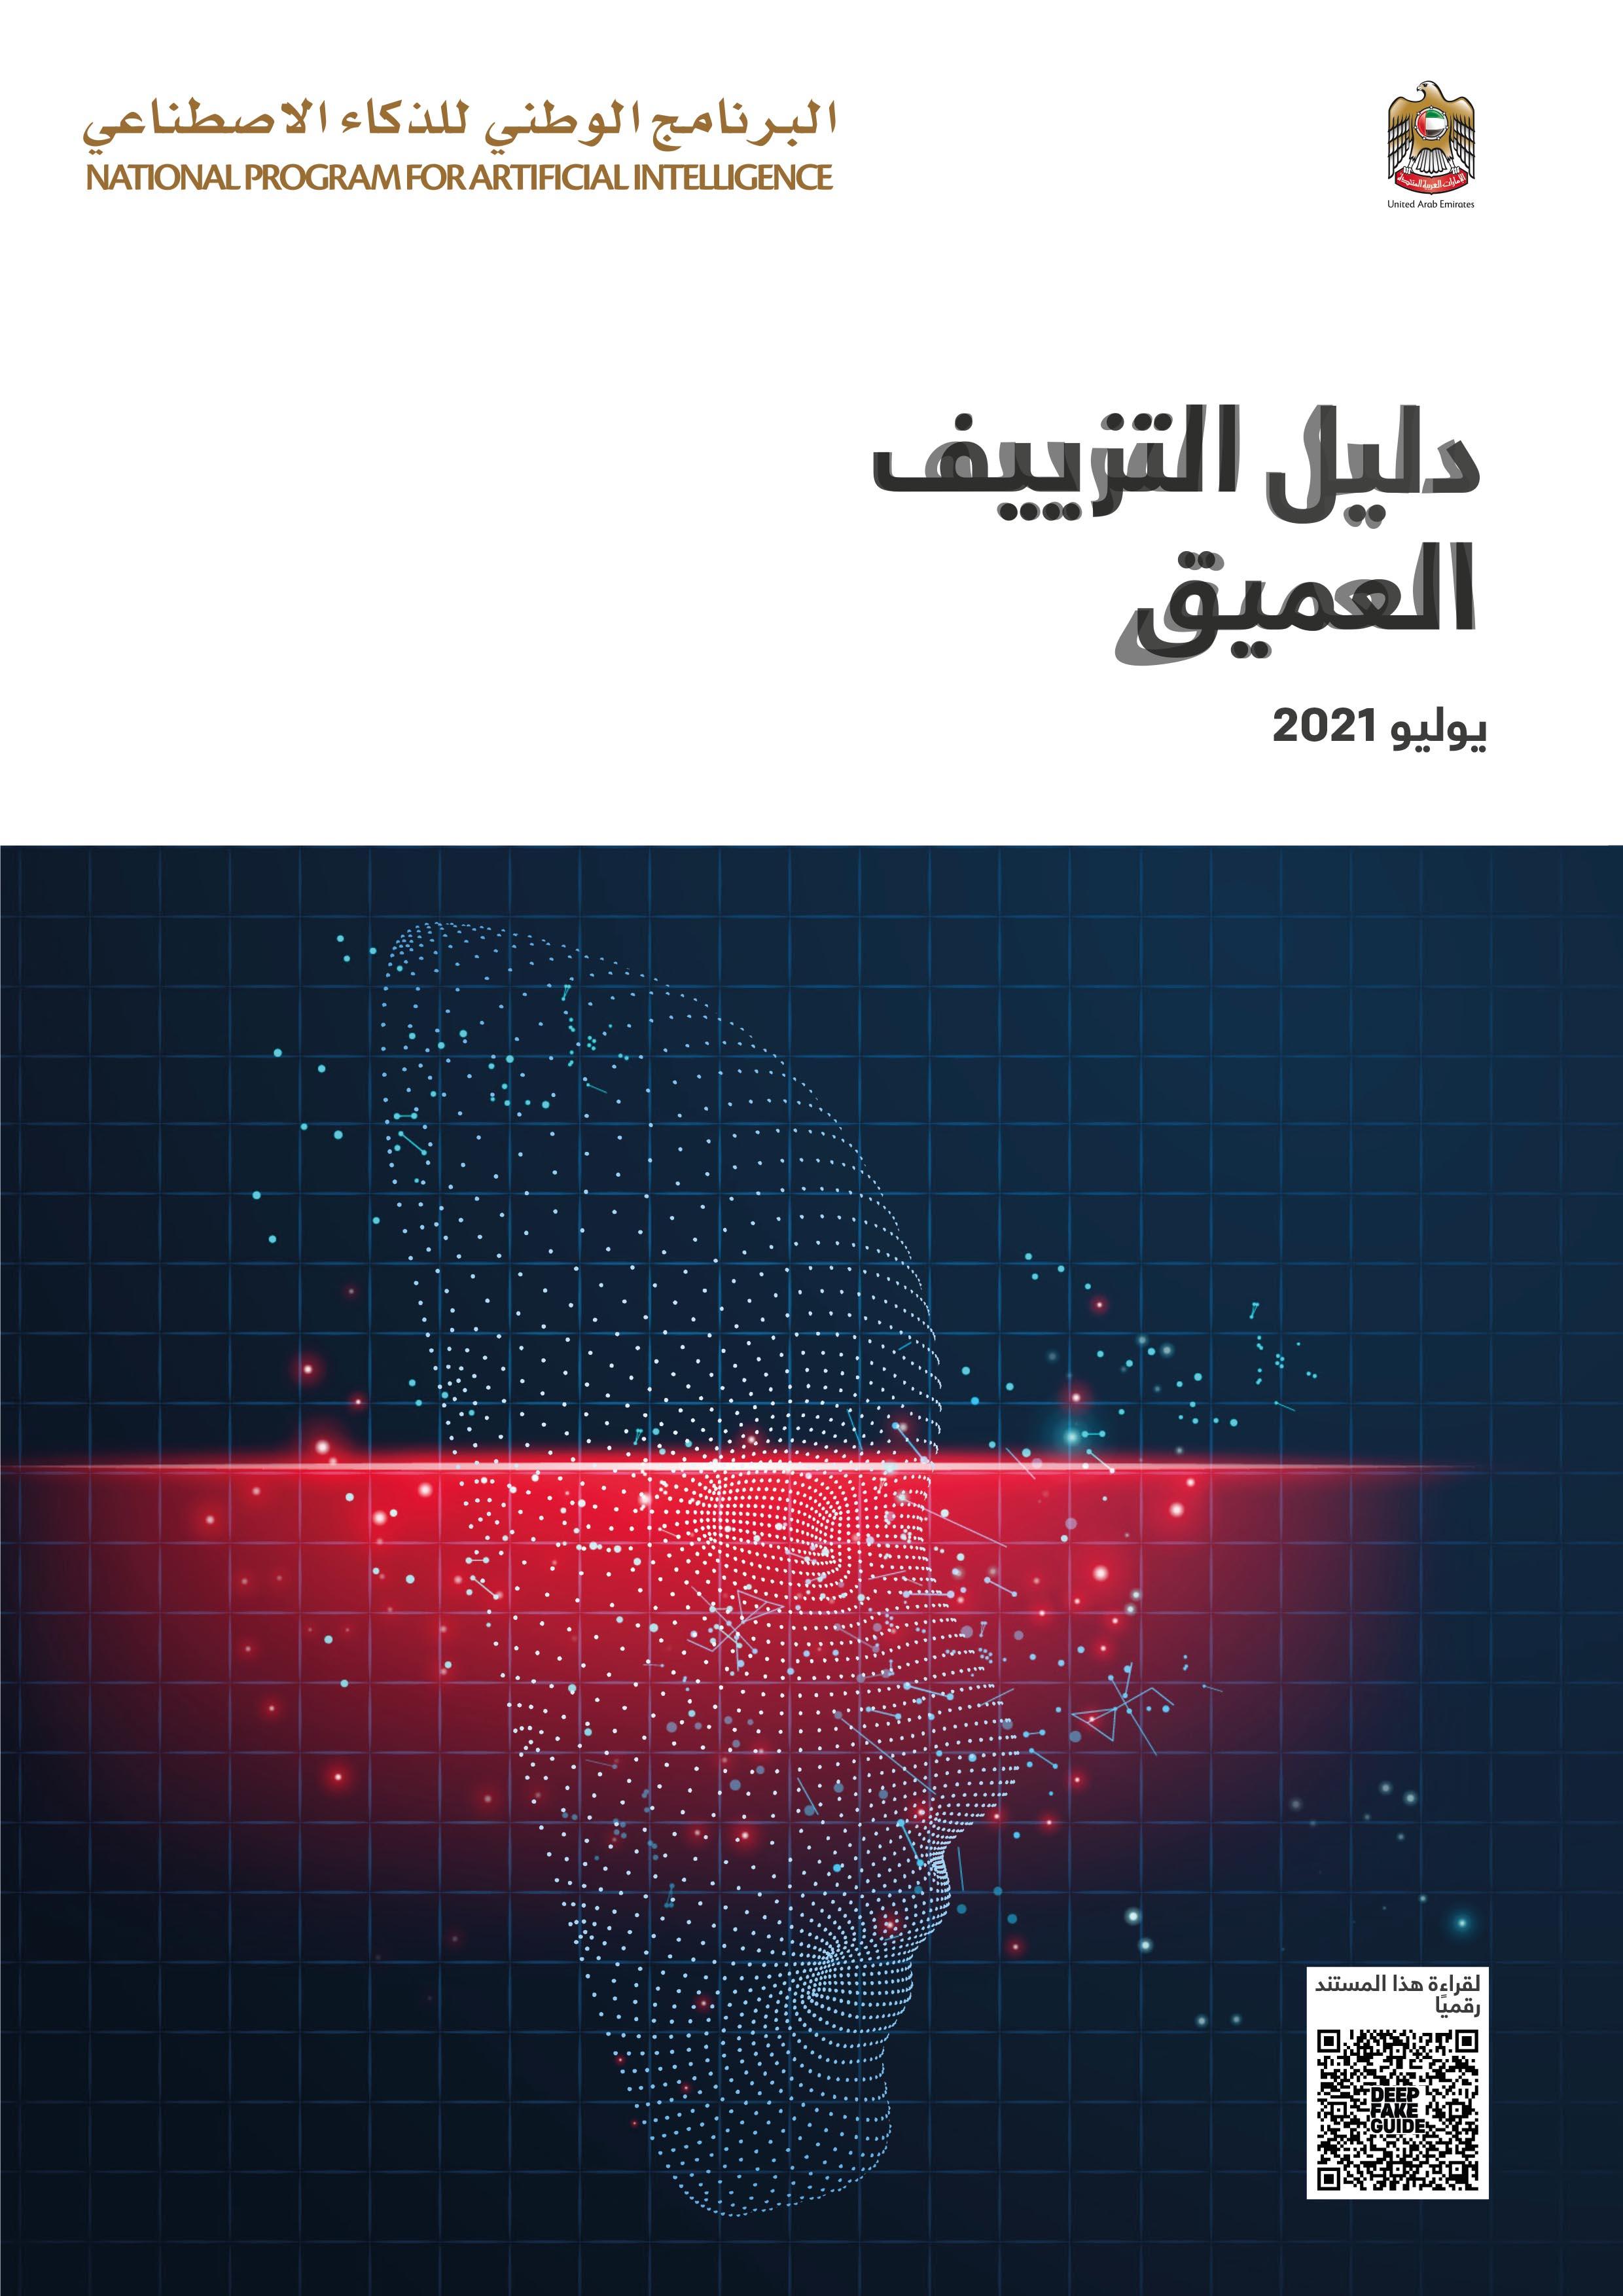 """البرنامج الوطني للذكاء الاصطناعي يطلق دليلاً للتعريف بالاستخدامات الإيجابية والسلبية لتكنولوجيا """"التزييف العميق"""""""